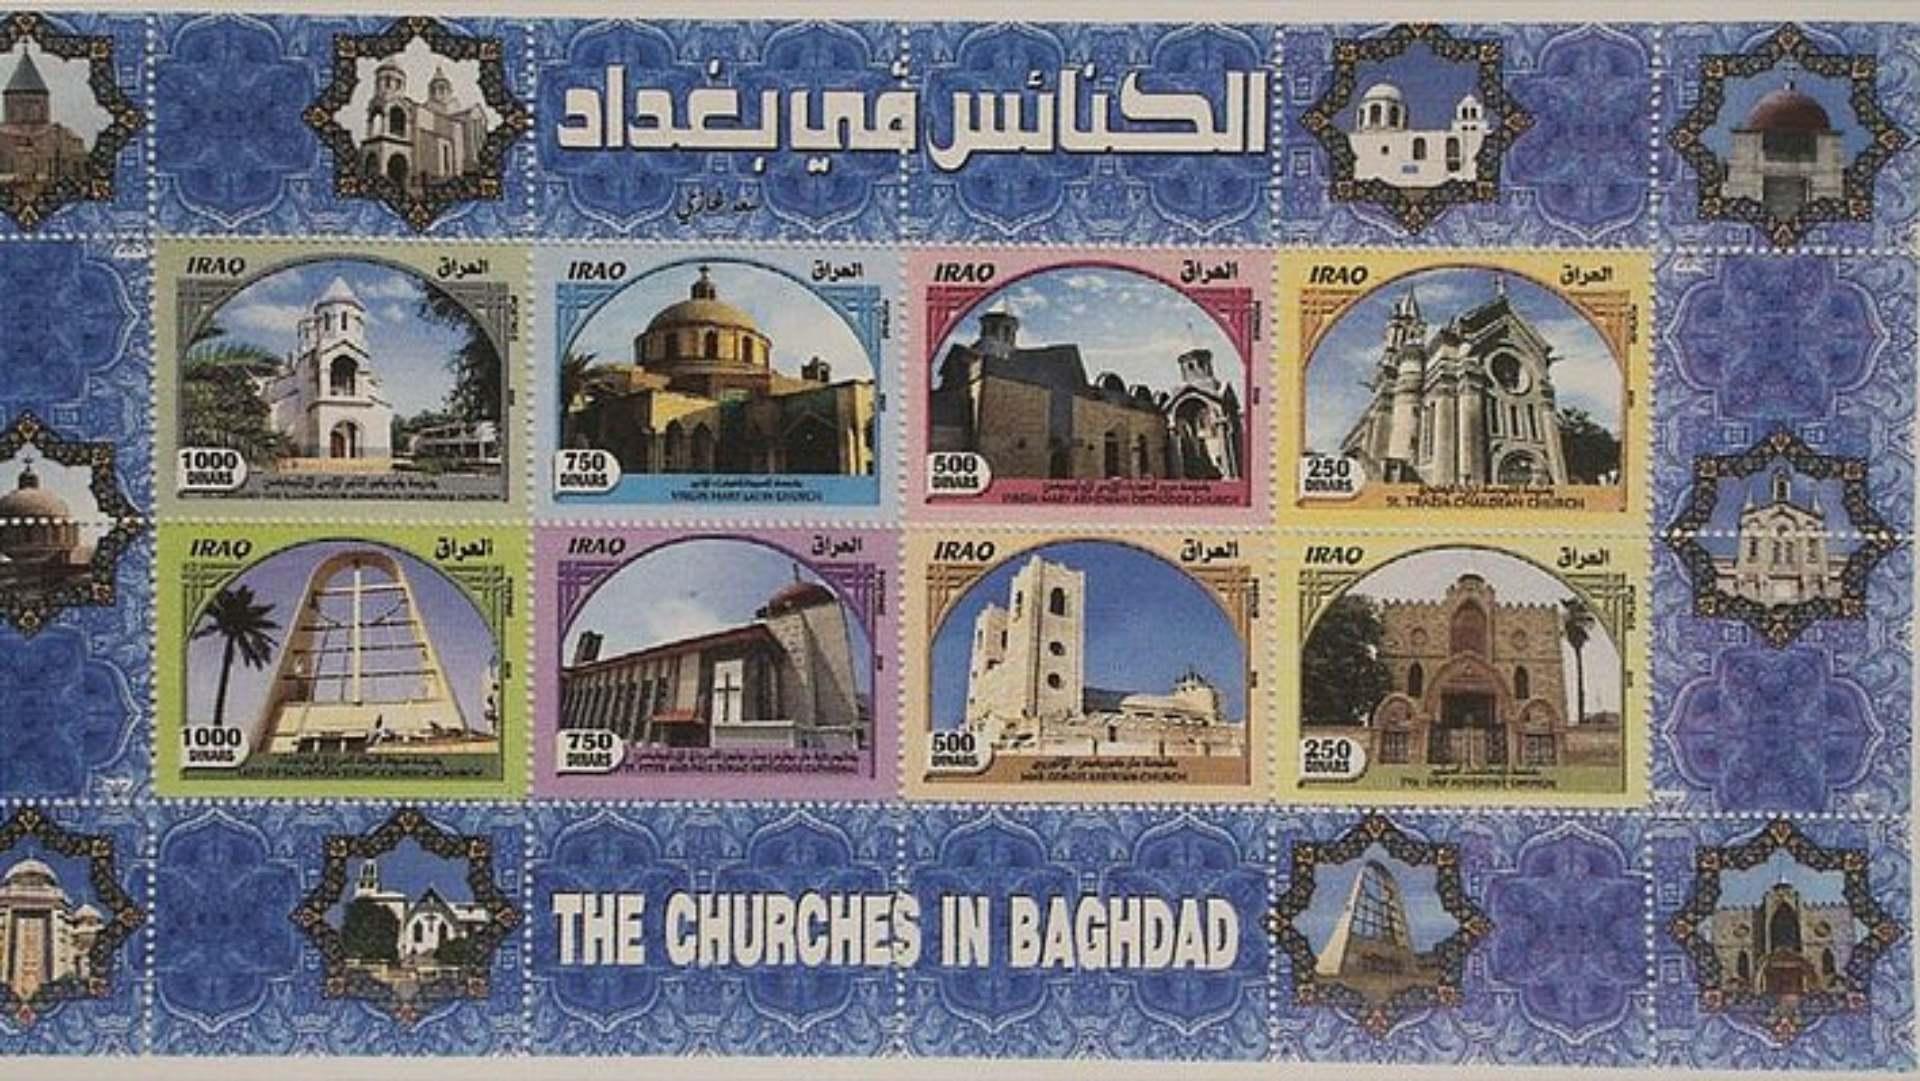 L'Iraq riconosce la Chiesa avventista con un nuovo francobollo nazionale